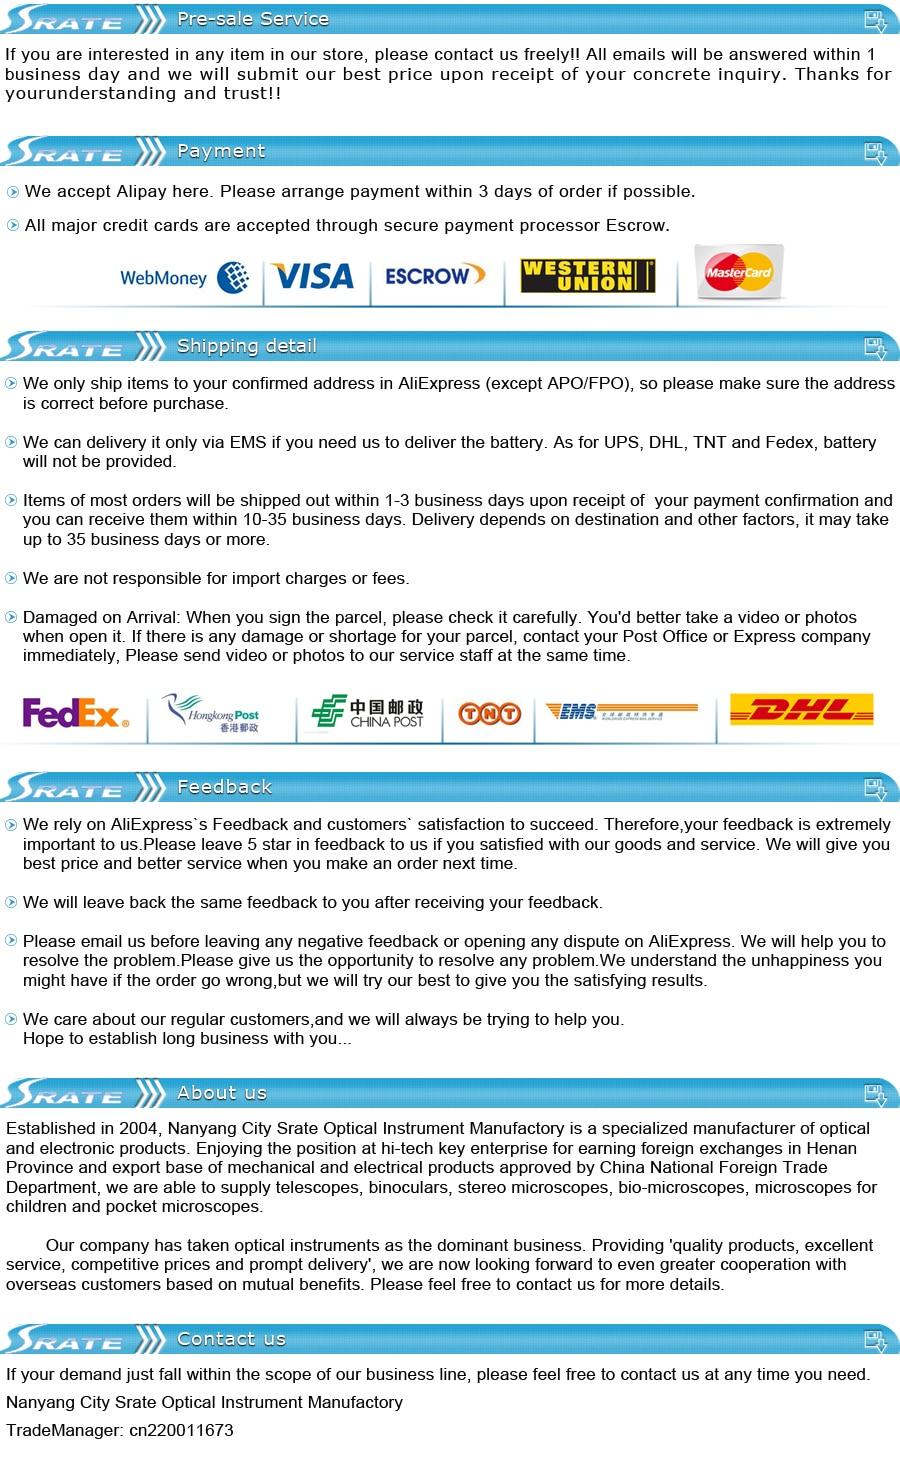 Warranty promise(2).jpg